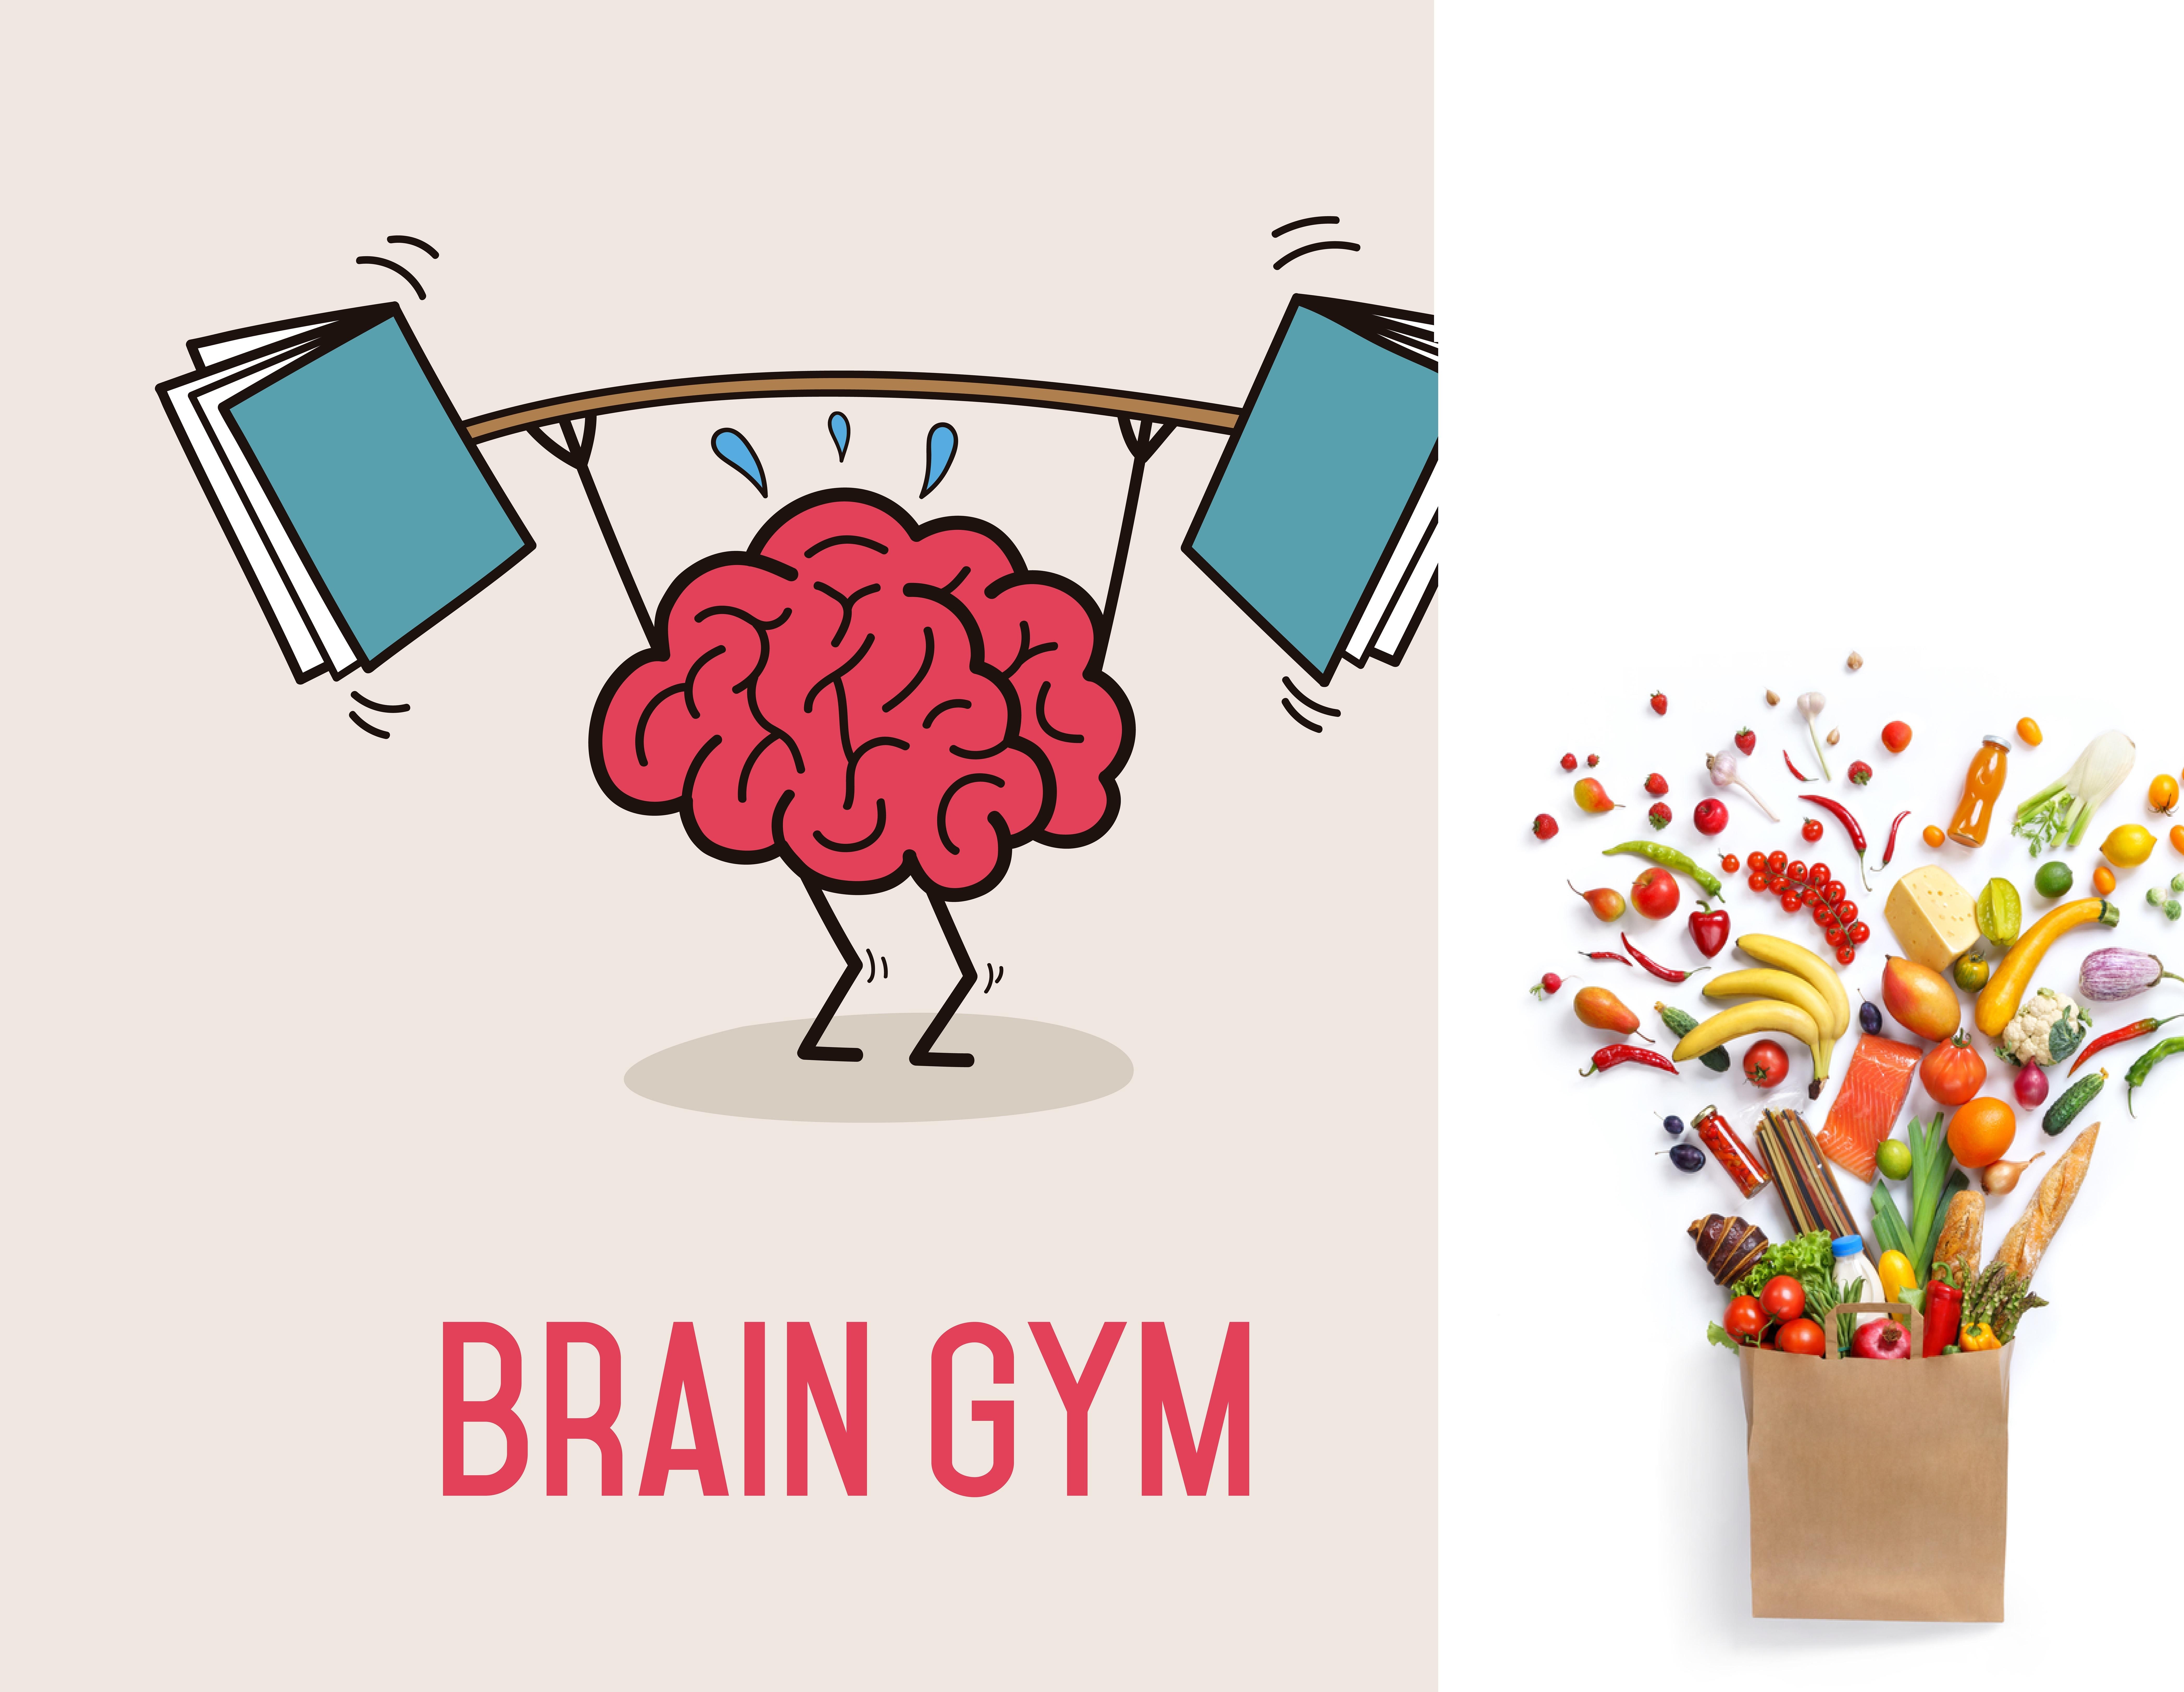 Juiste voeding is essentieel voor het menselijke brein